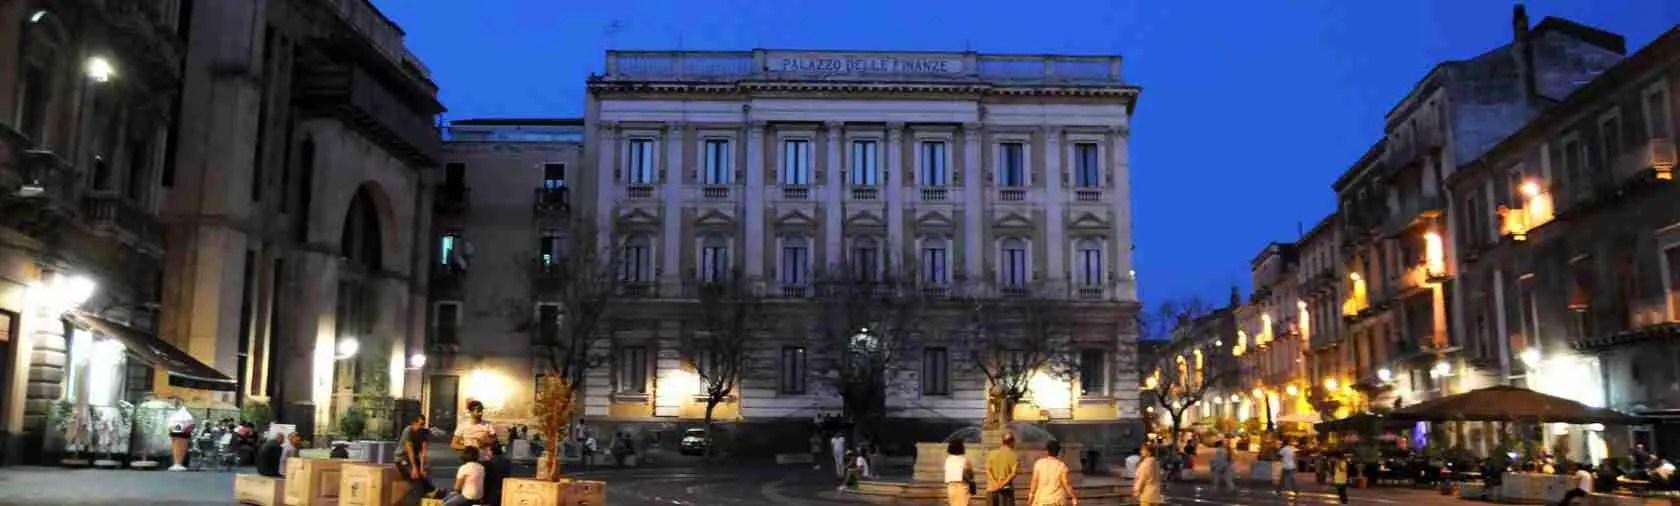 Le top class escort Catania vivono nel centro storico di Catania in zona Piazza Bellini.